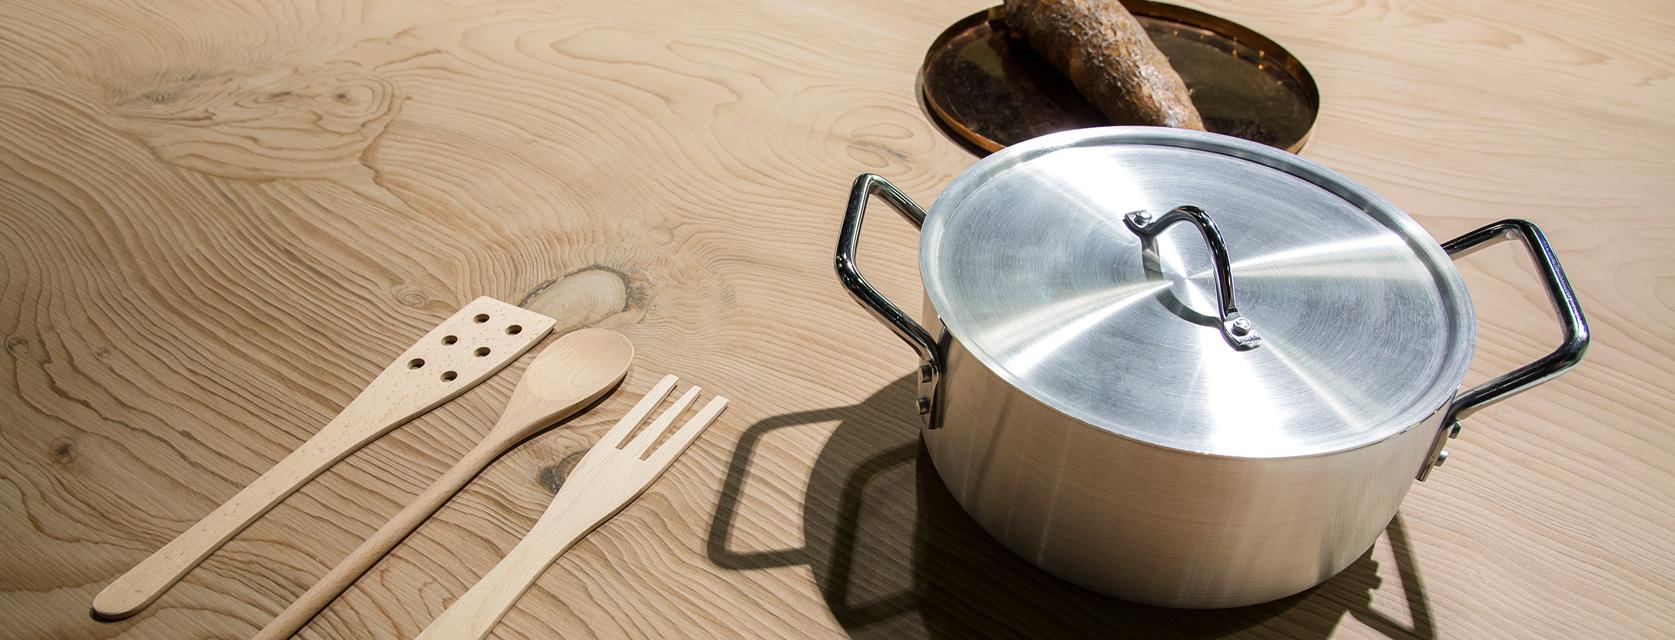 Encimera de cocina Marmol calacatta